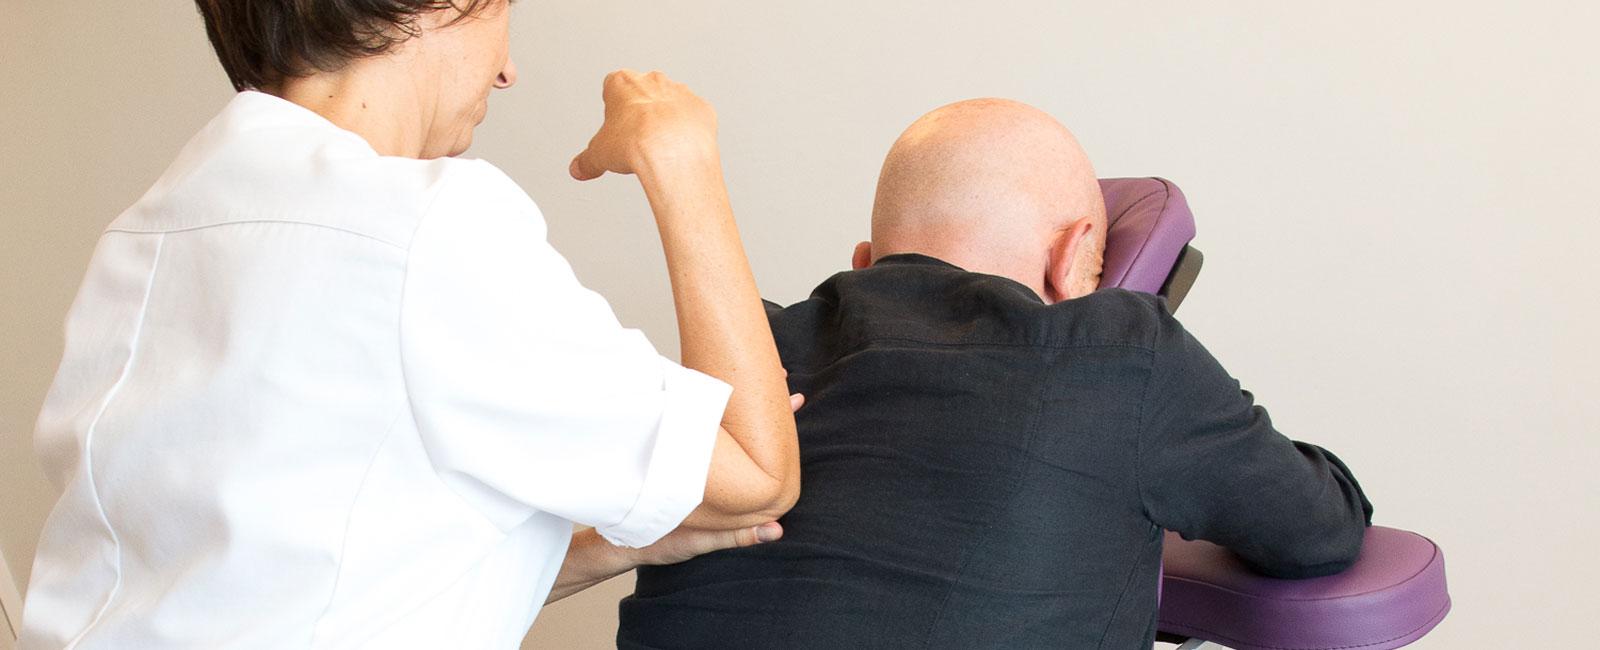 massage assis en entreprise Bodhisavia